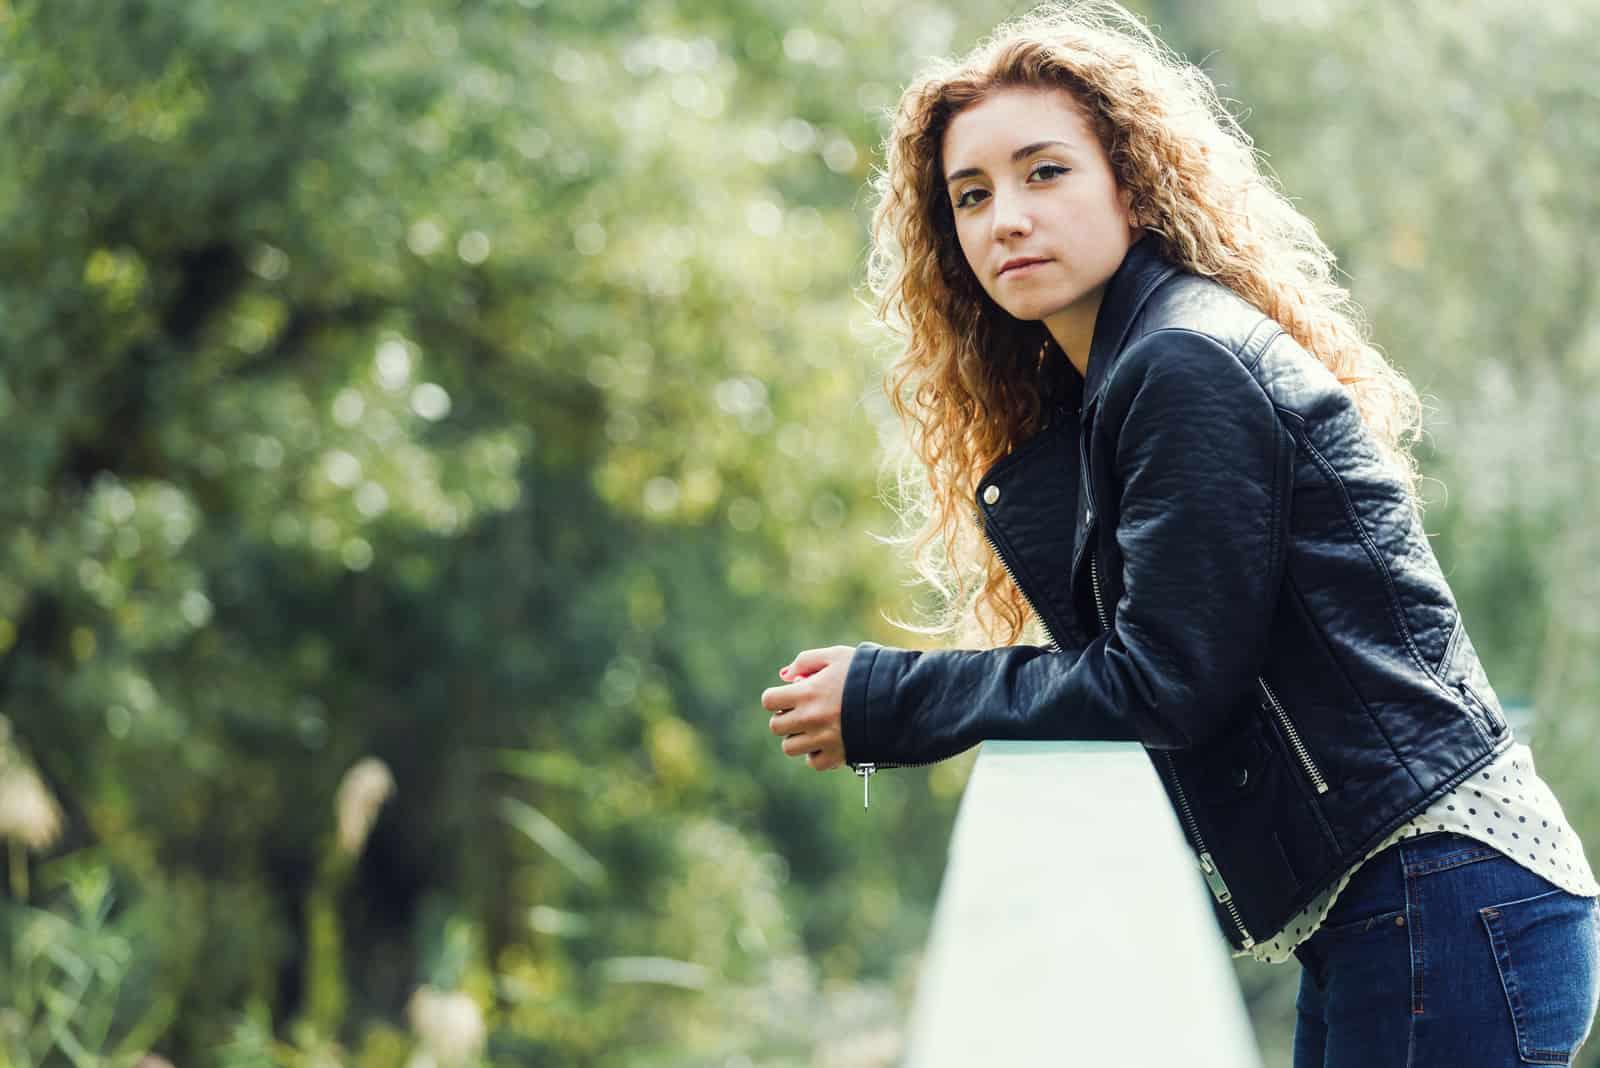 Draußen steht eine ernsthafte junge Frau, die sich gegen das Geländer lehnt